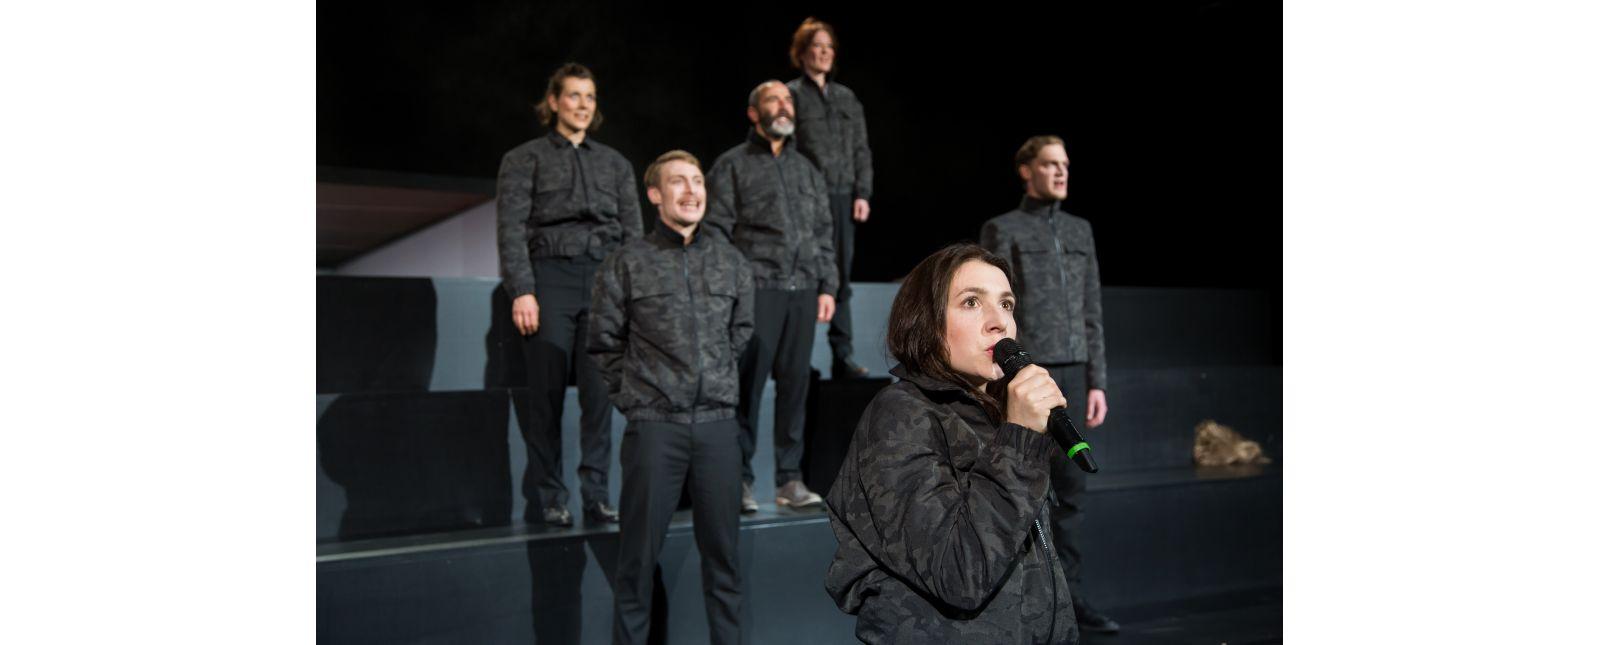 Krieg // Stefanie Mrachacz, Martin Hohner, Henry Meyer, Anja Schweitzer, Rosa Thormeyer, Thieß Brammer // Laura Nickel // 2018